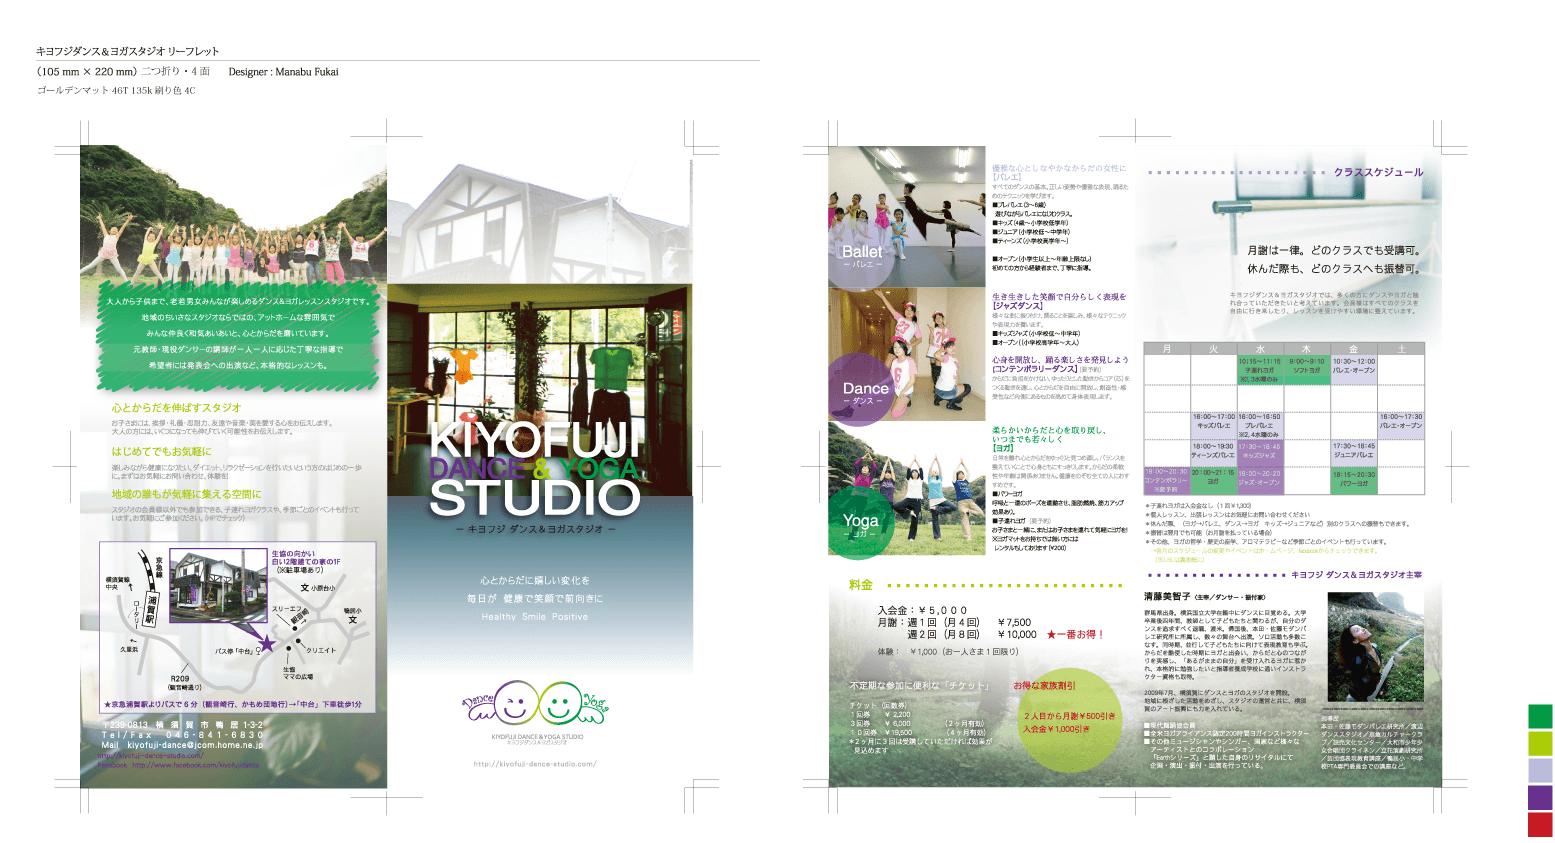 kf_leaflet2